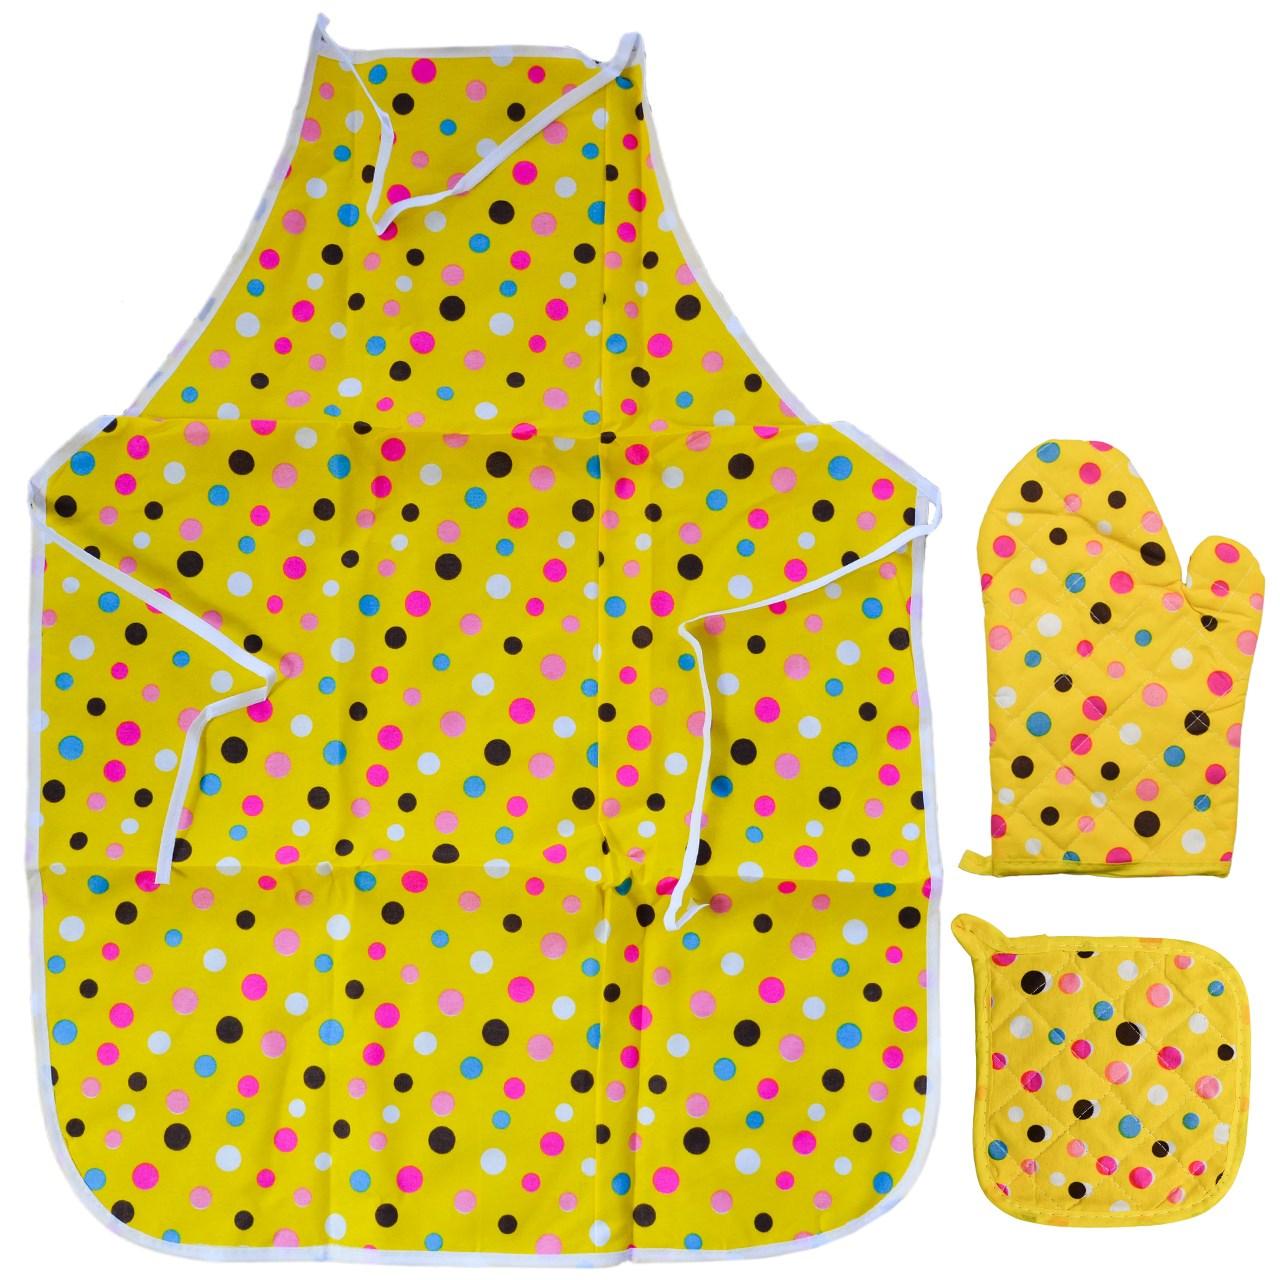 سرویس آشپزخانه 3 پارچه پات پد کد 2341